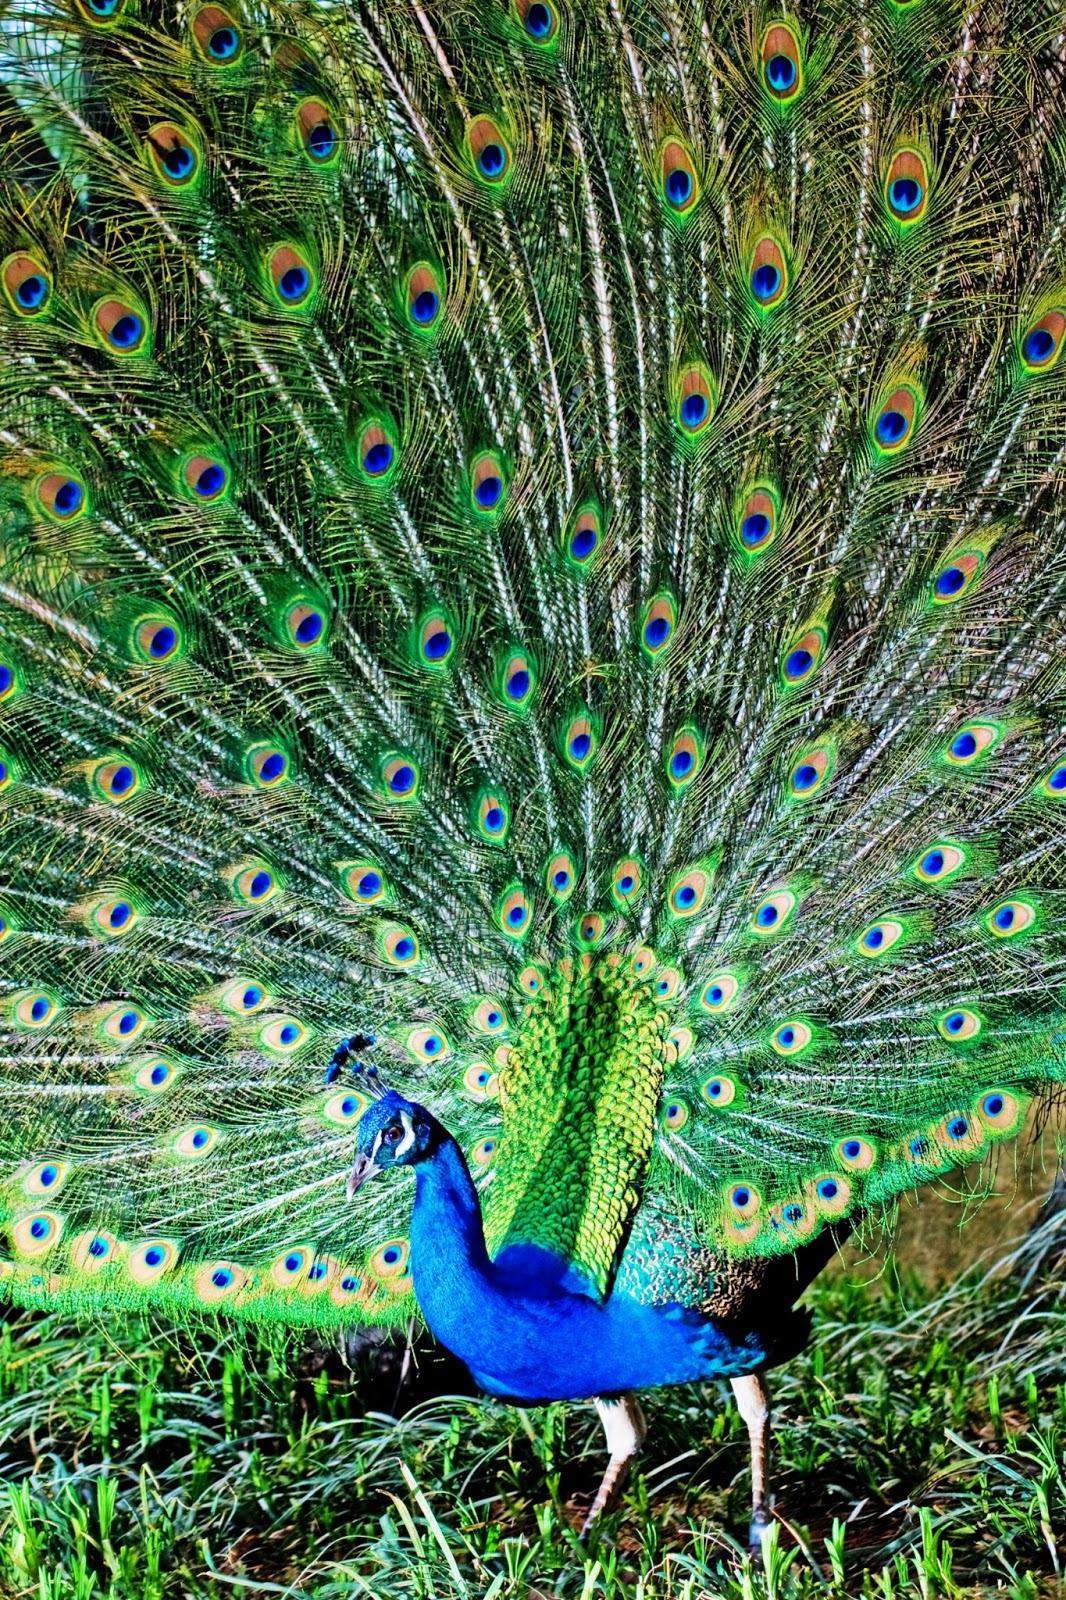 Lifelike 3d Wallpaper Fine Hd Wallpapers Download Free Hd Wallpapers Peacock